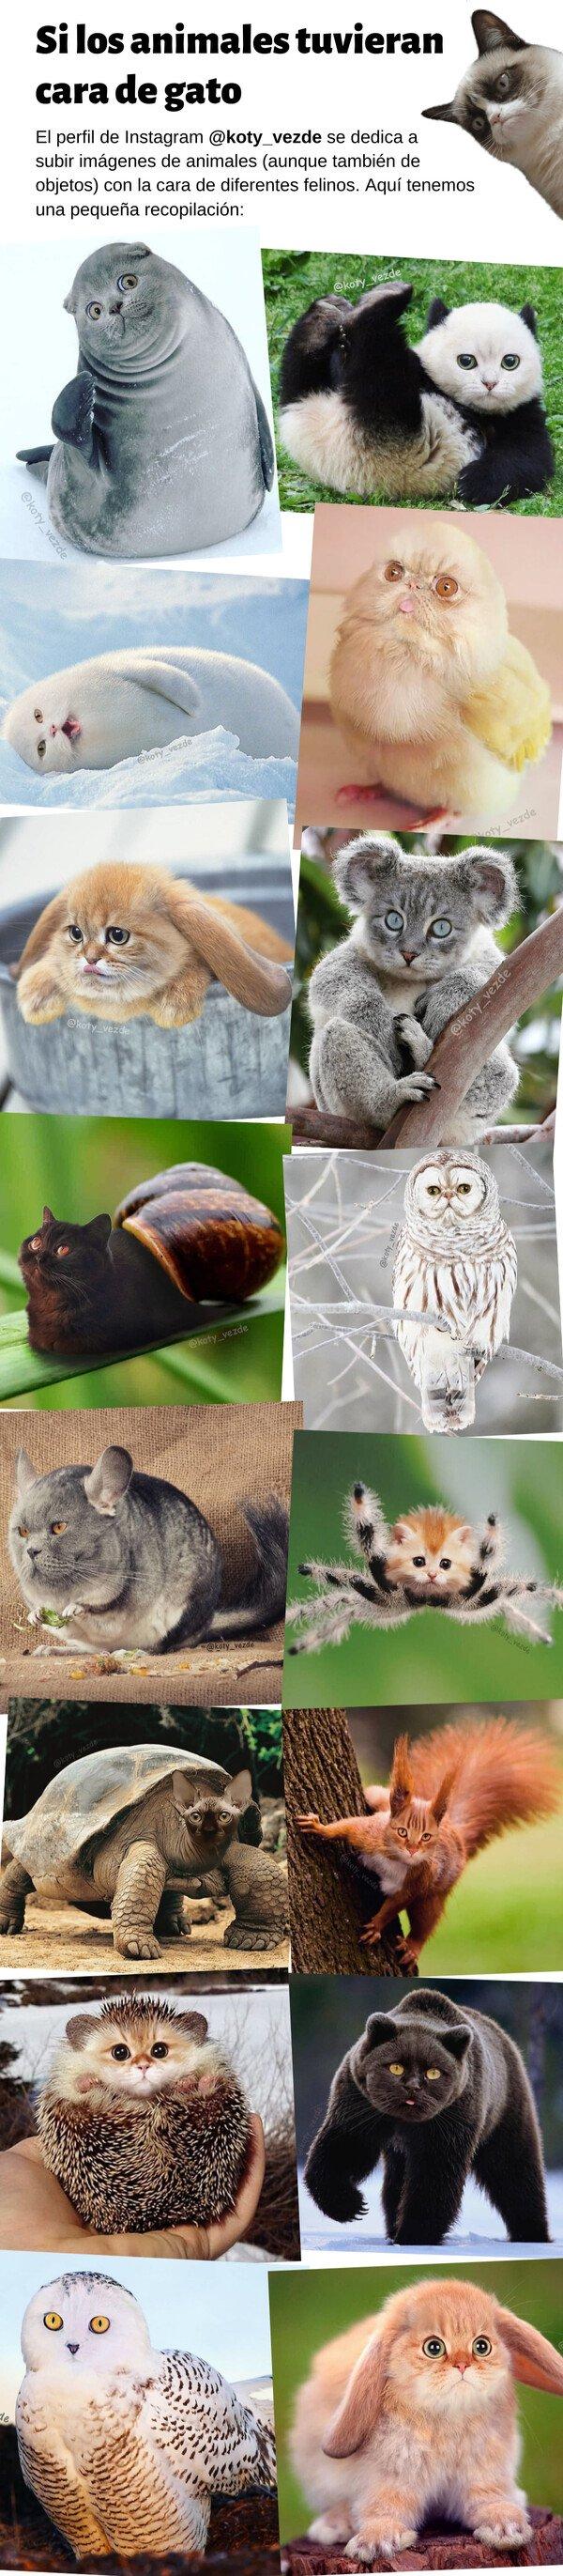 Meme_otros - Si los demás animales tuvieran cara de gato